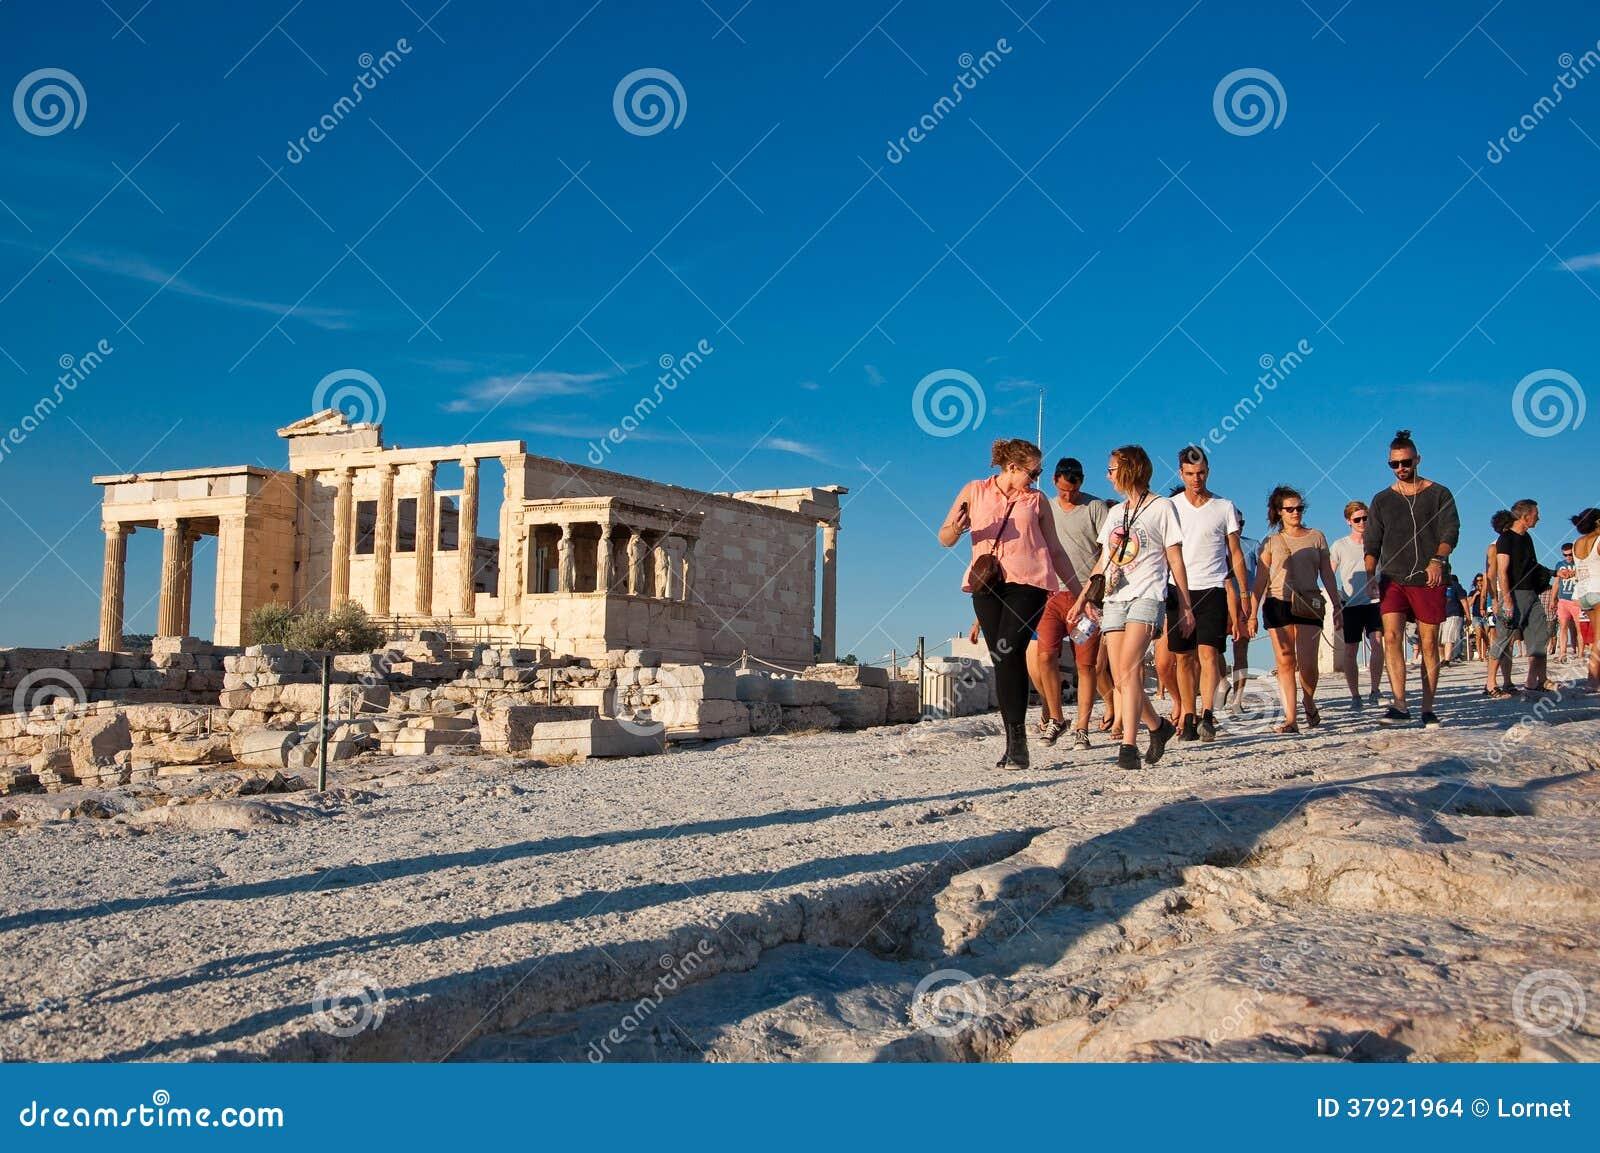 Die Spitze der Akropolises von Athen am 1. Juli 2013 in Griechenland.